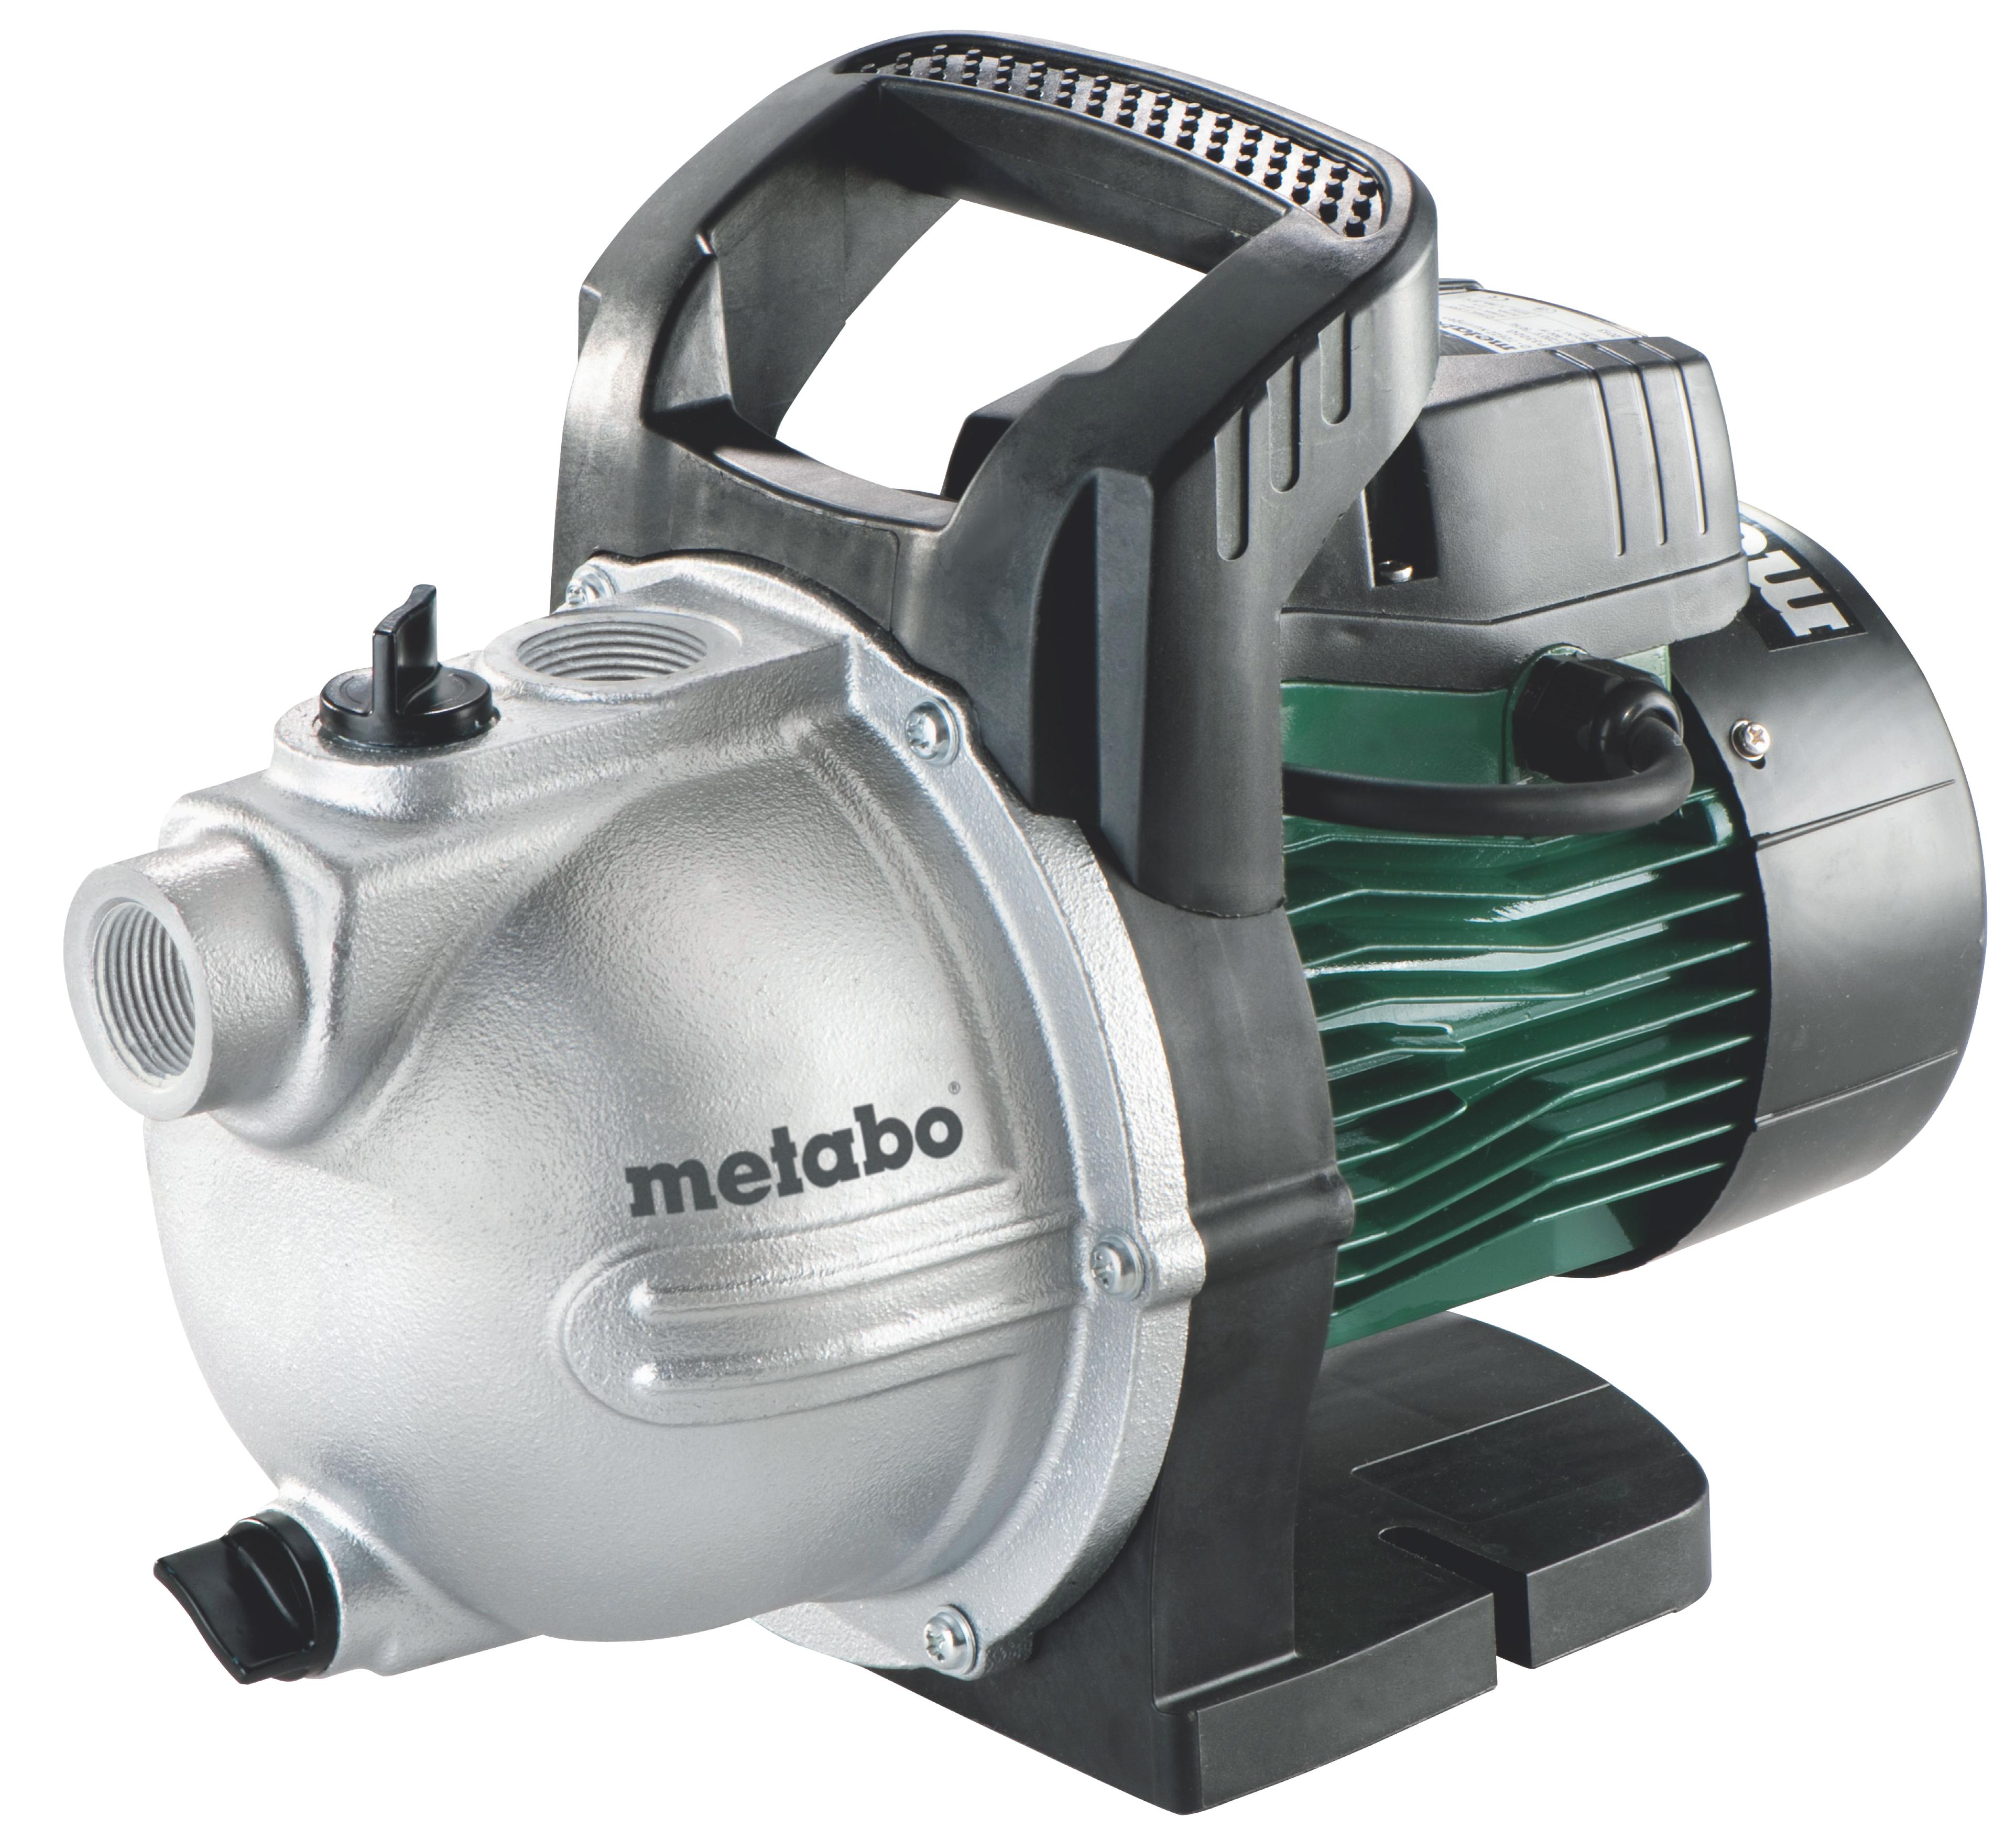 Поверхностный насос Metabo P 2000 G  поверхностный насос metabo p 2000 g